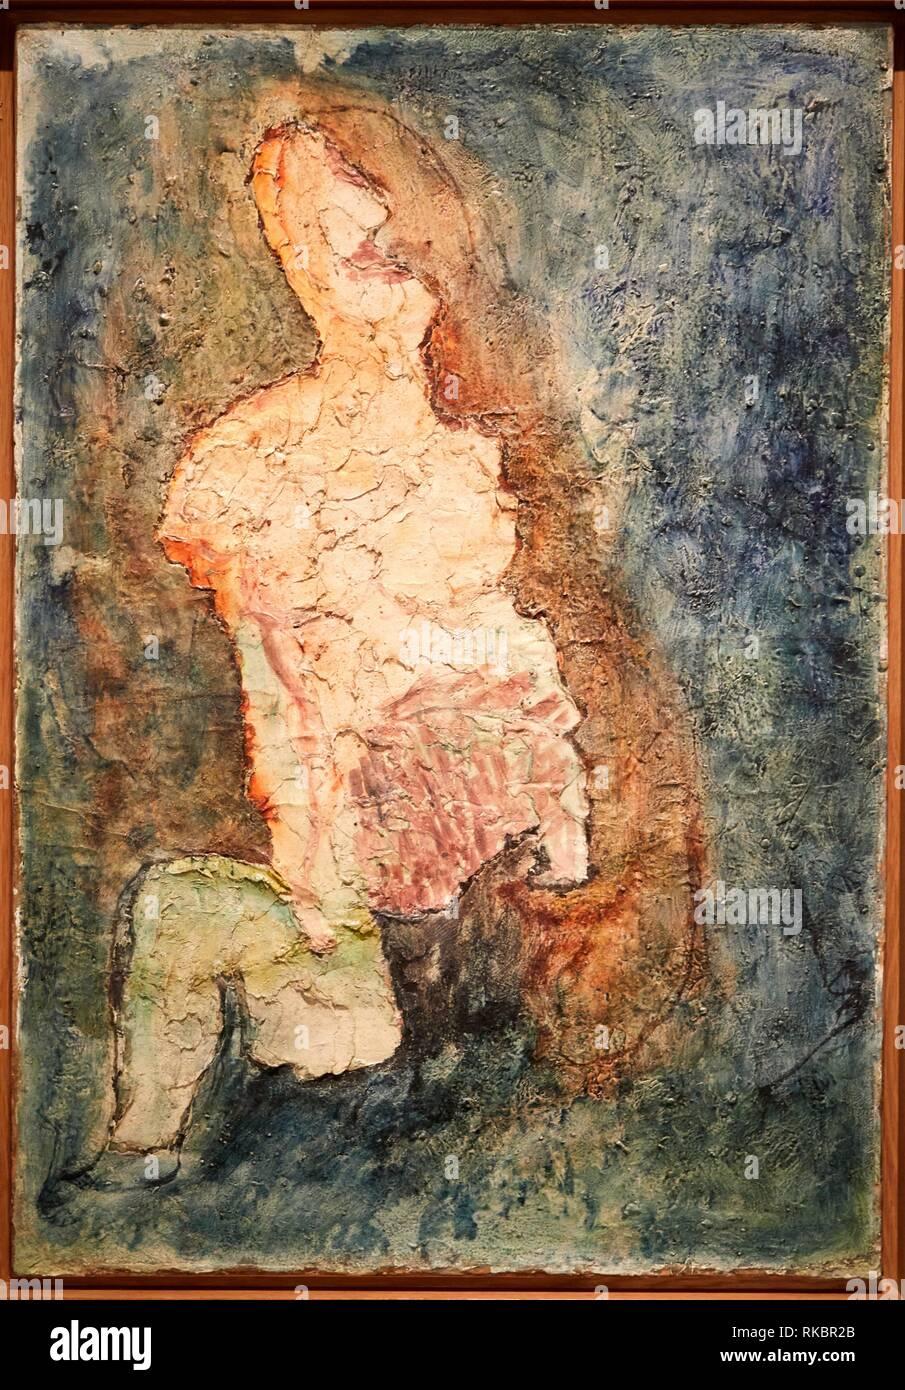 Sarah, 1943, Jean Fautrier, Museo Nacional Centro de Arte Reina Sofia, Madrid, Spain, Europe - Stock Image